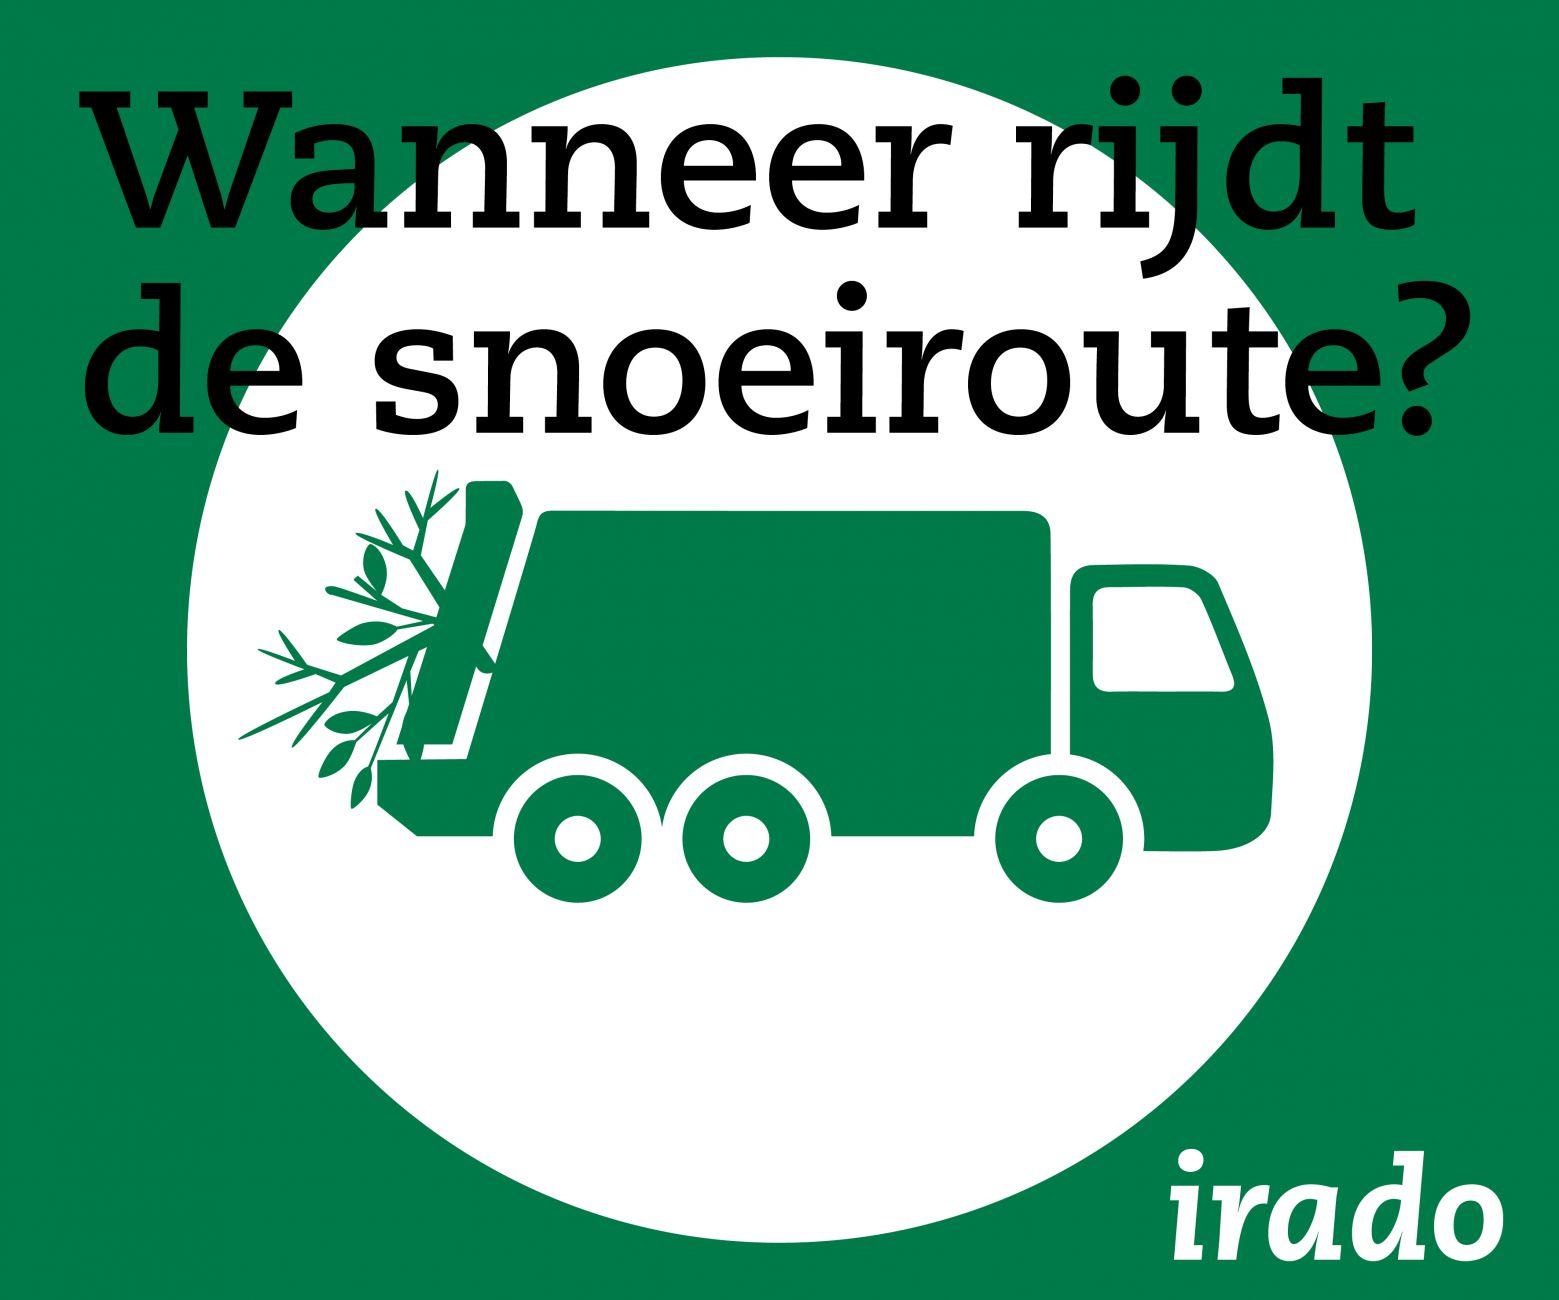 Irado rijdt vijf keer een snoeiroute